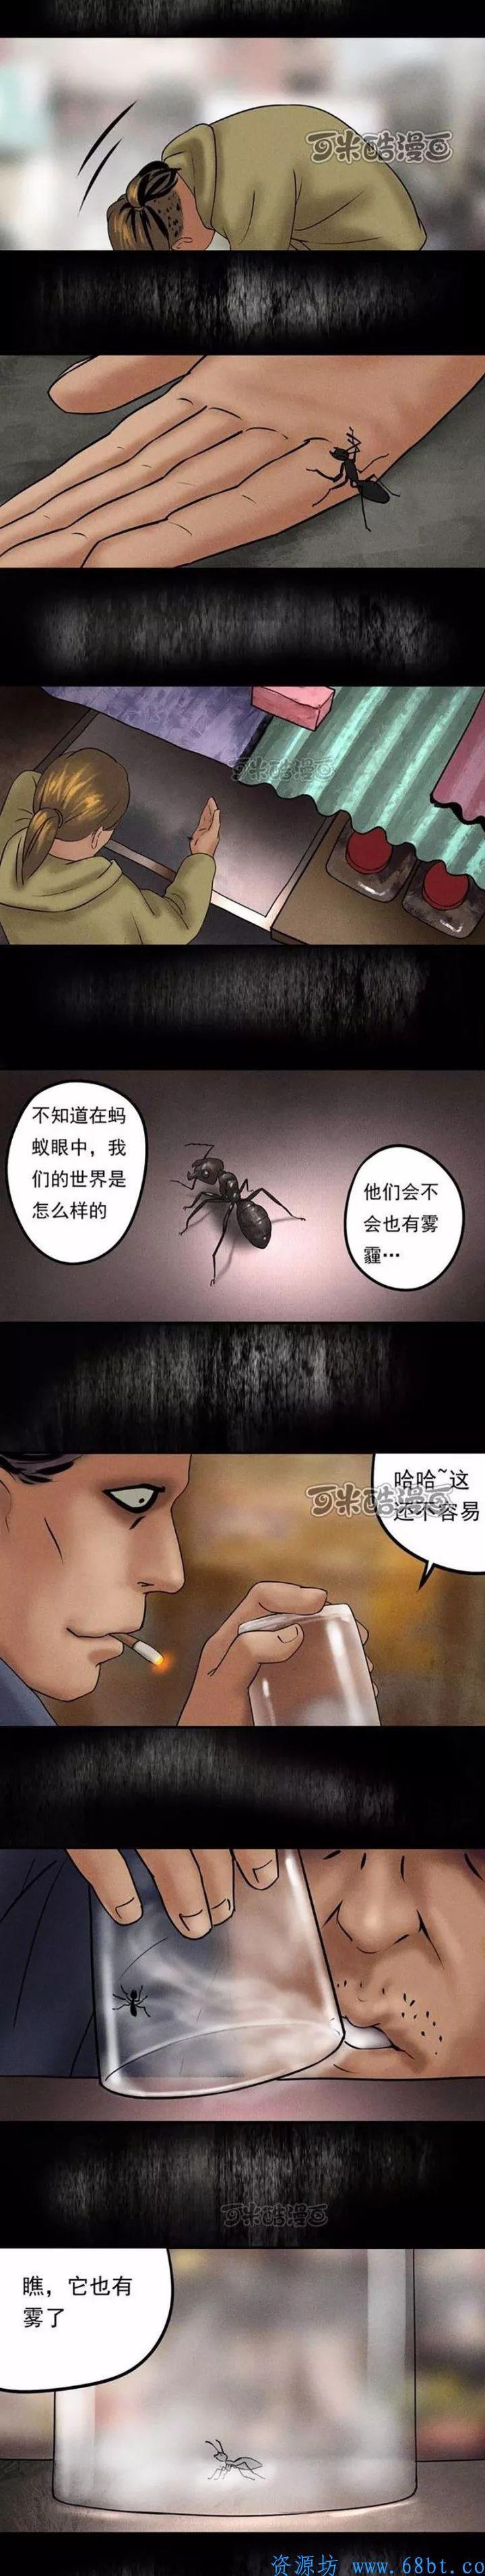 [恐怖漫画] 城,恐怖漫画,第6张